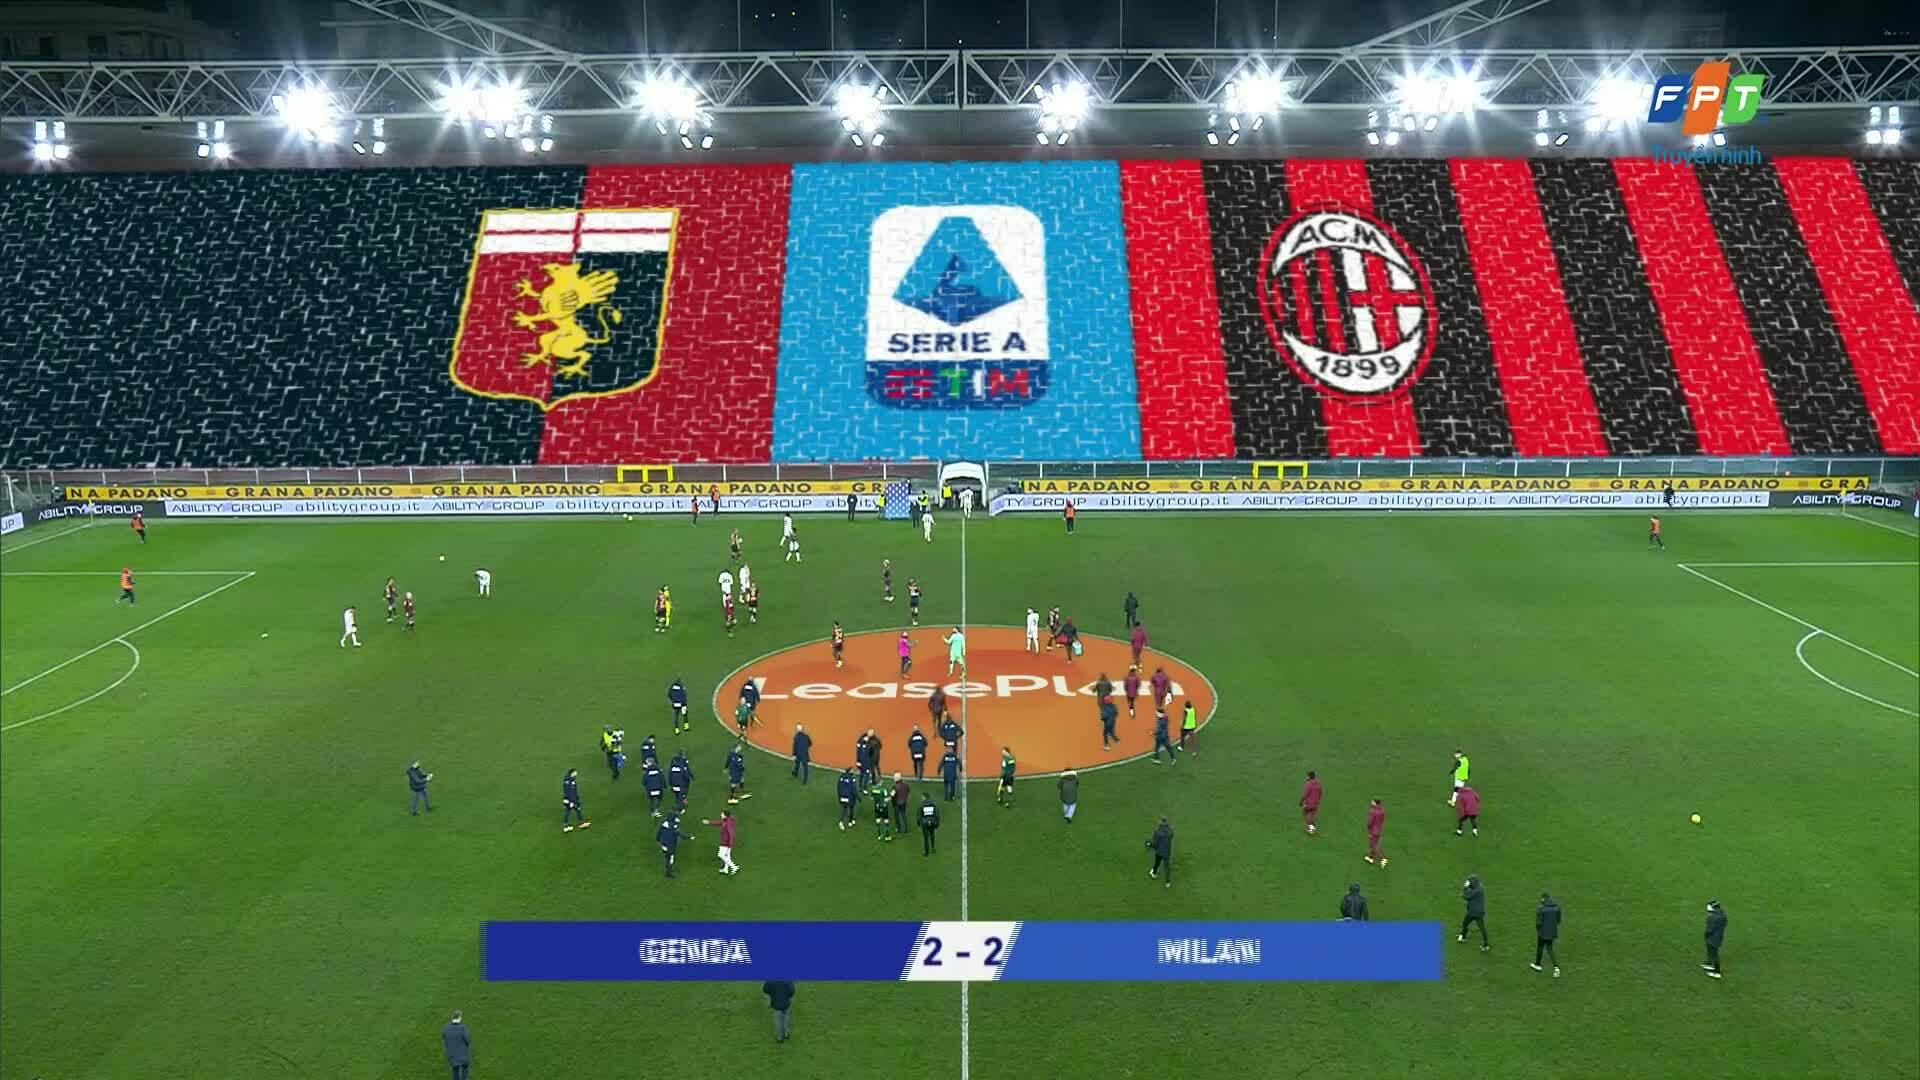 Genoa 2-2 Milan